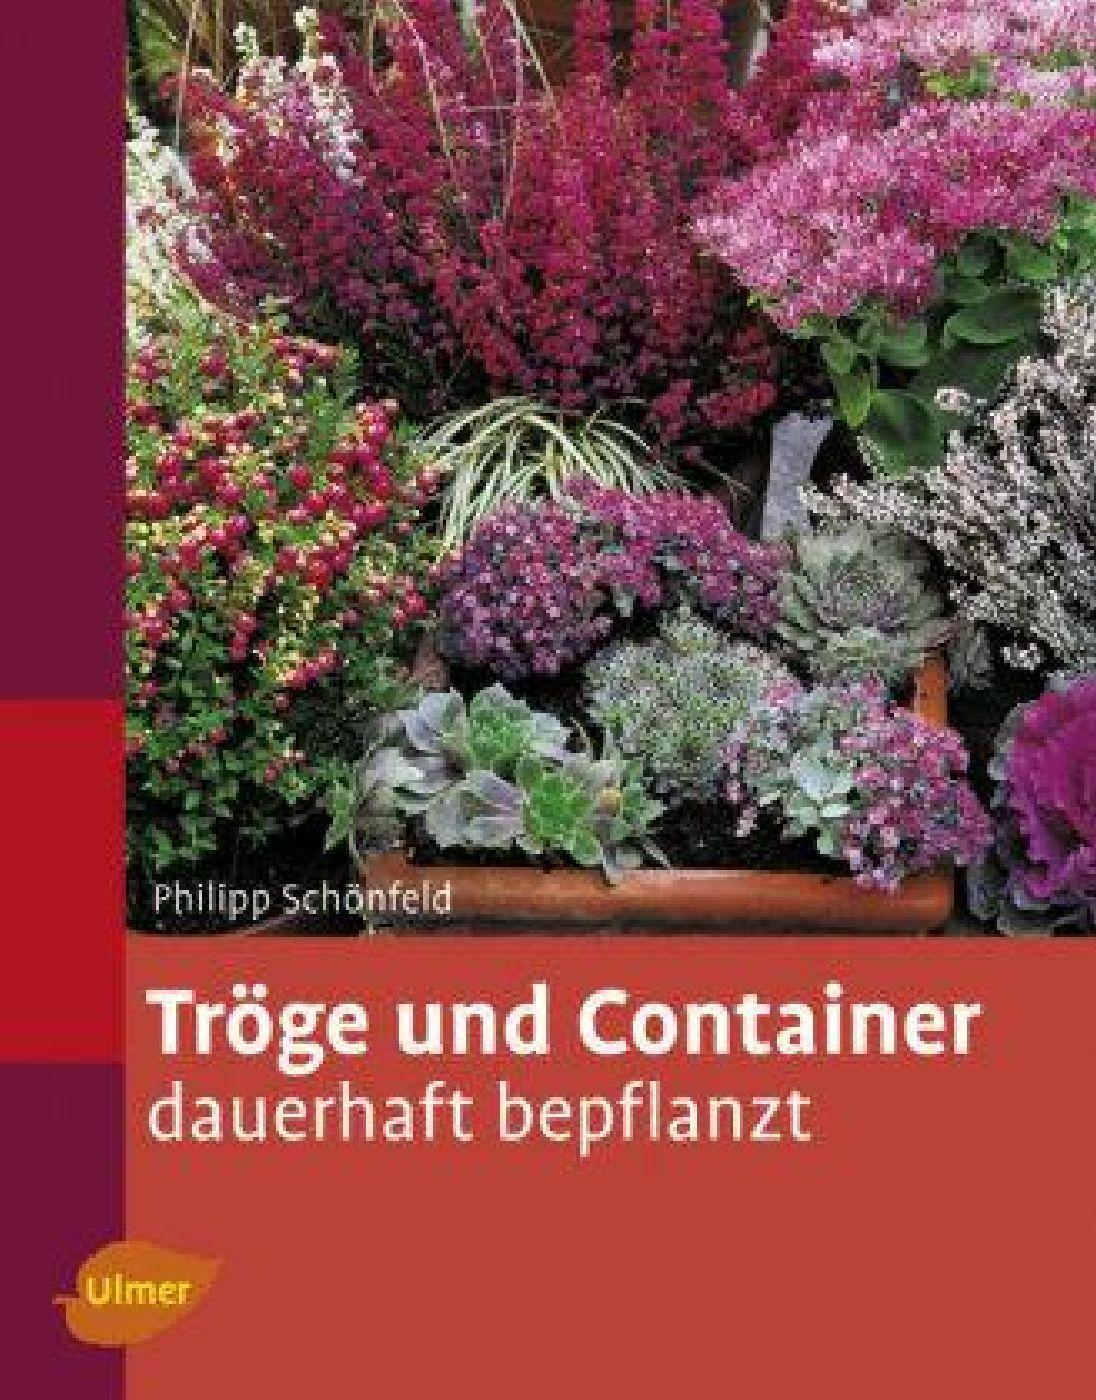 9578 Trge und Container dauerhaft bepflanzen 15e29d f 900x900 2x